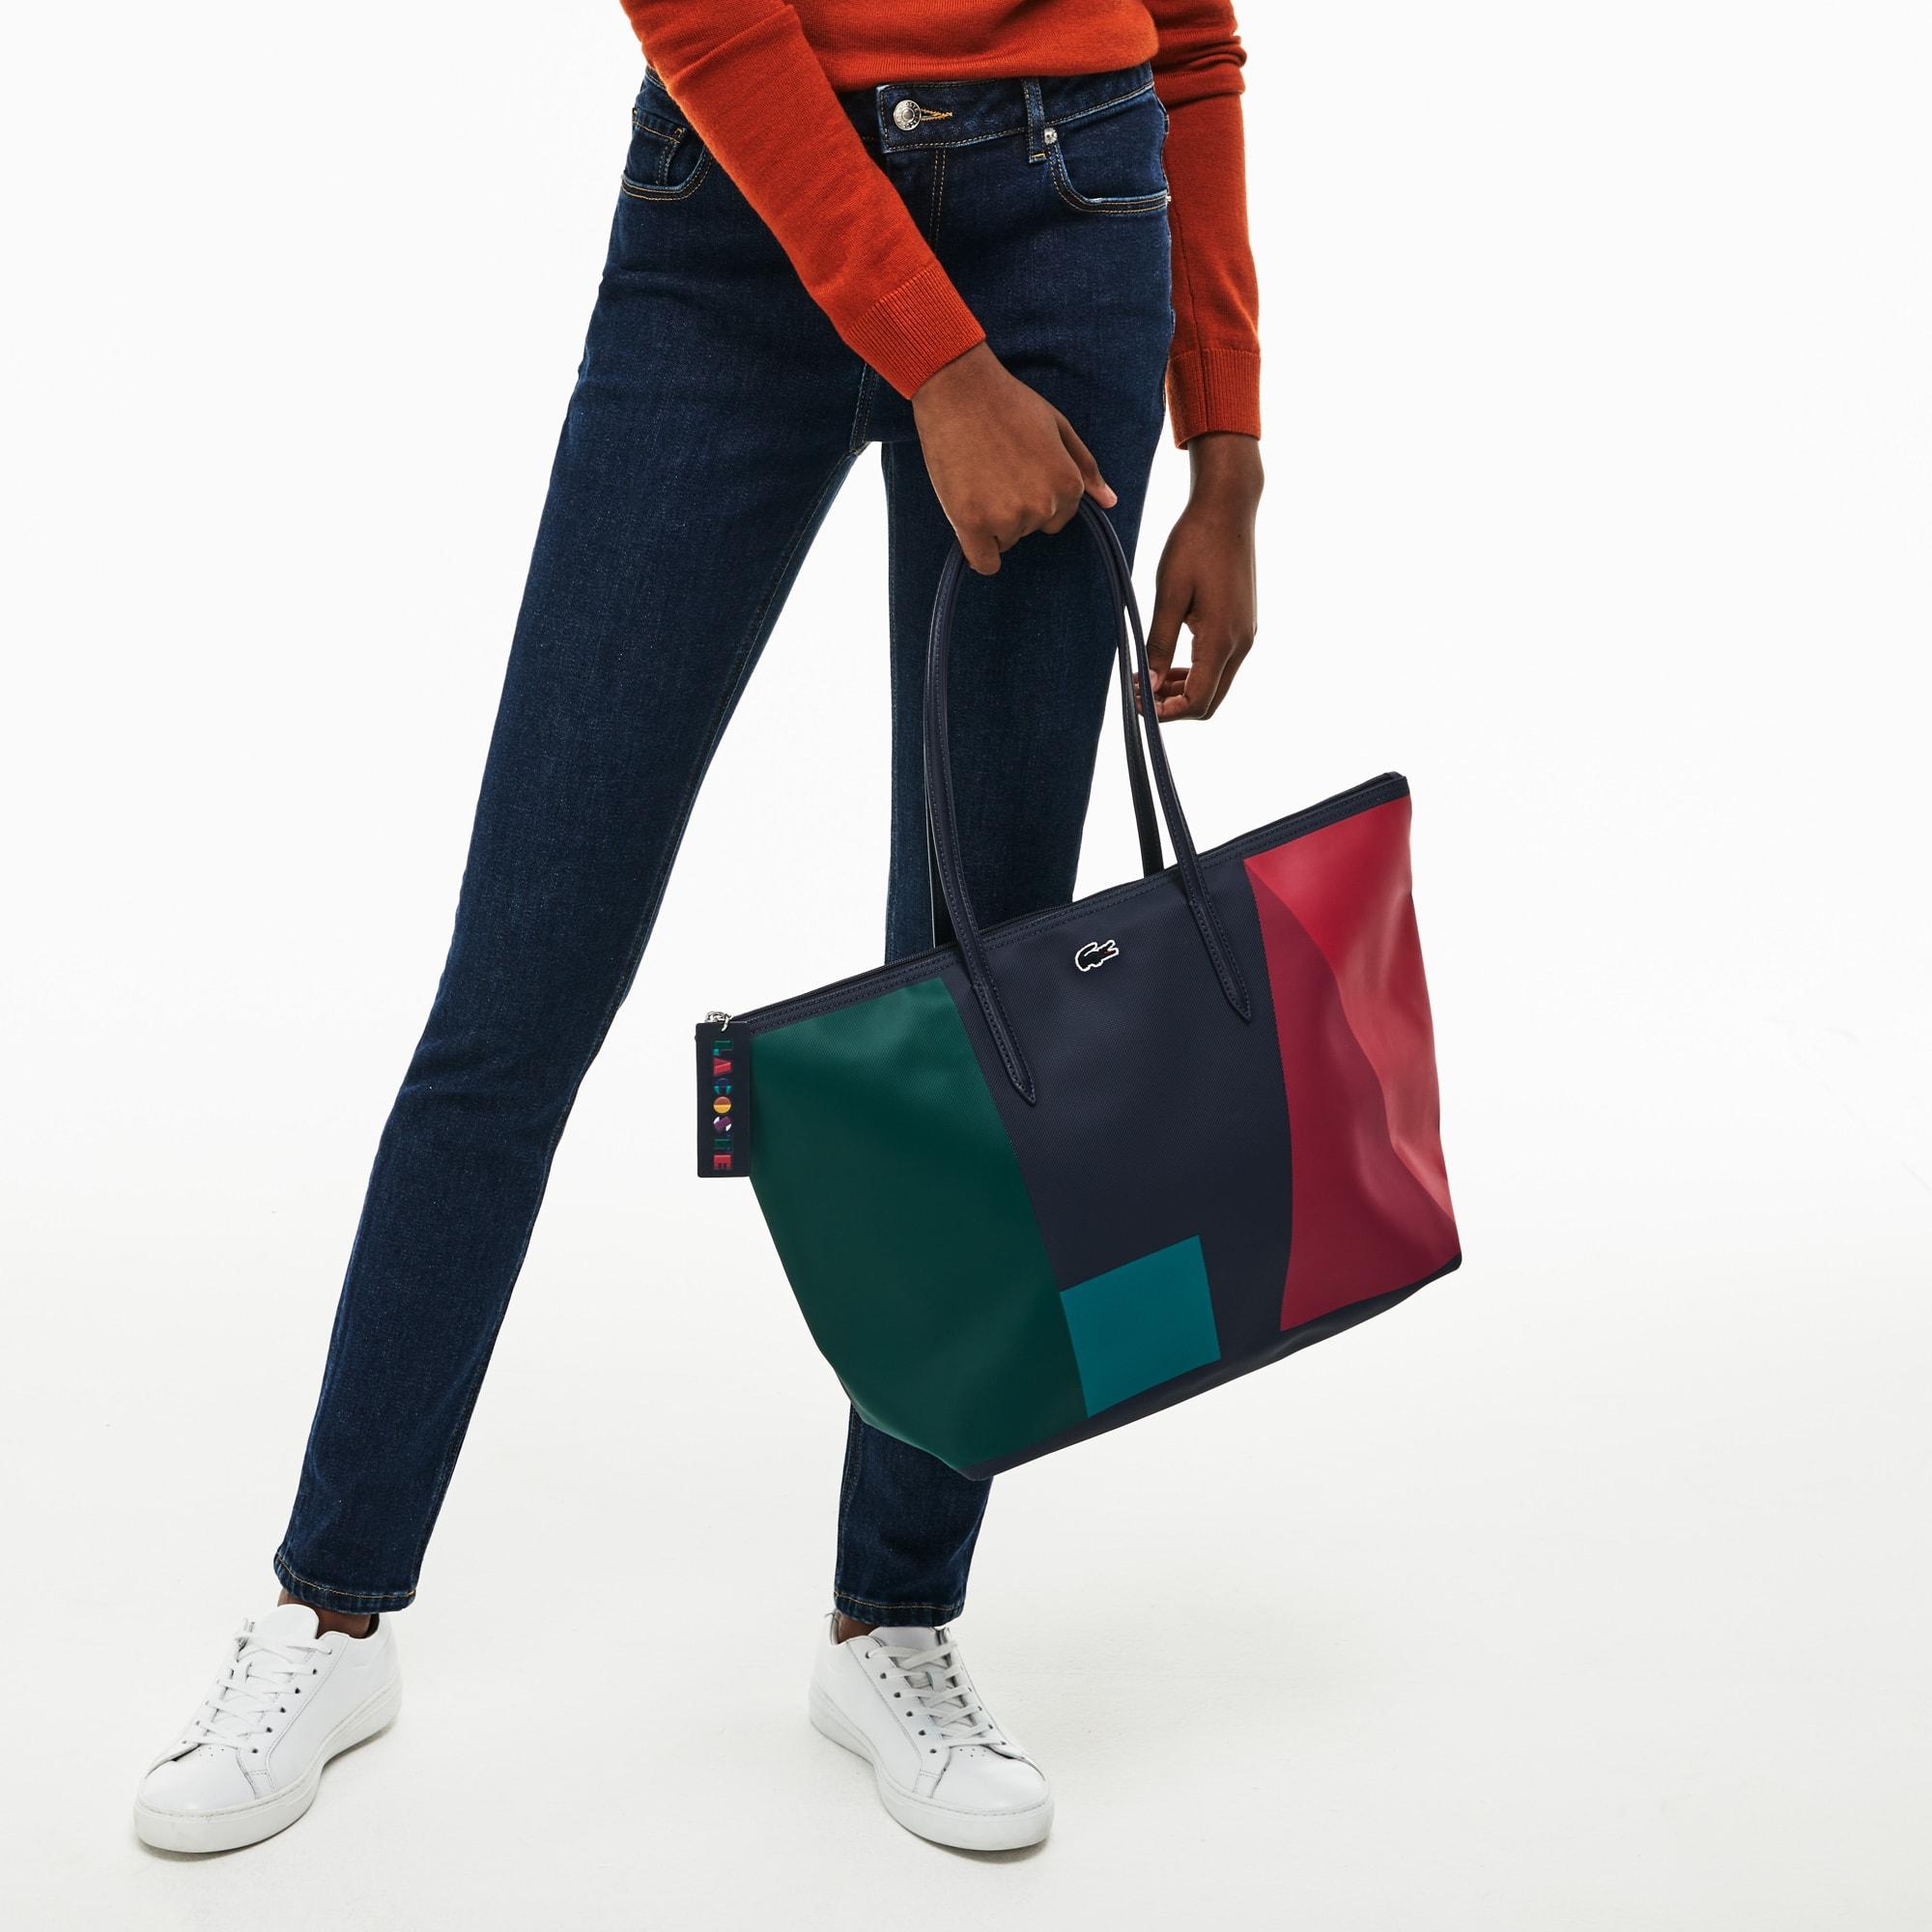 Women's L.12.12 Concept Colorblock Petit Piqué Large Zip Tote